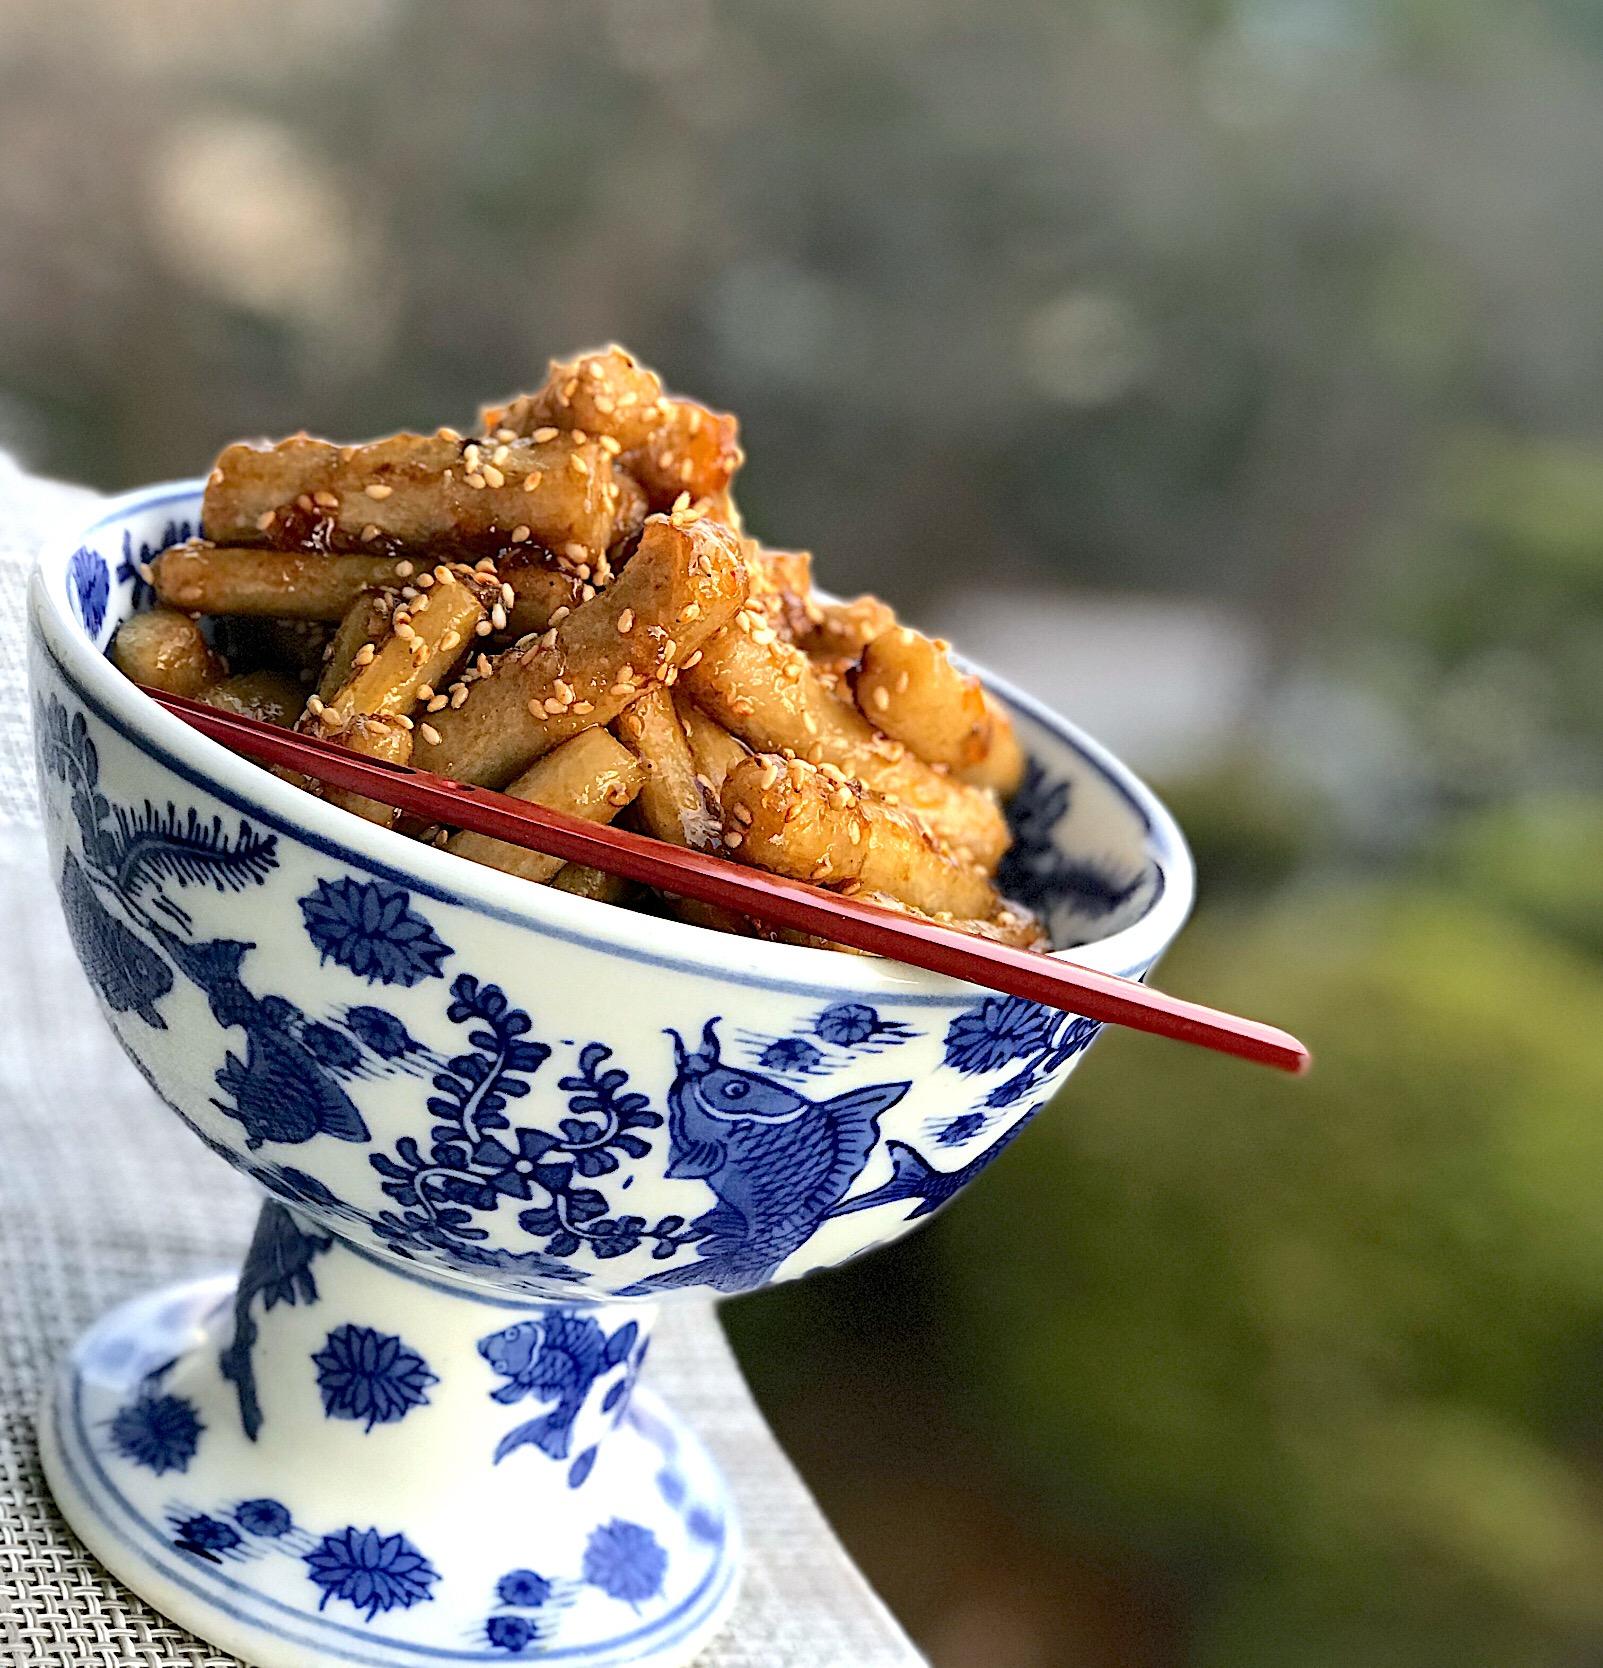 ご飯がすすむ「ごぼうの甘辛」レシピ15選!煮ても揚げても炒めてもOK